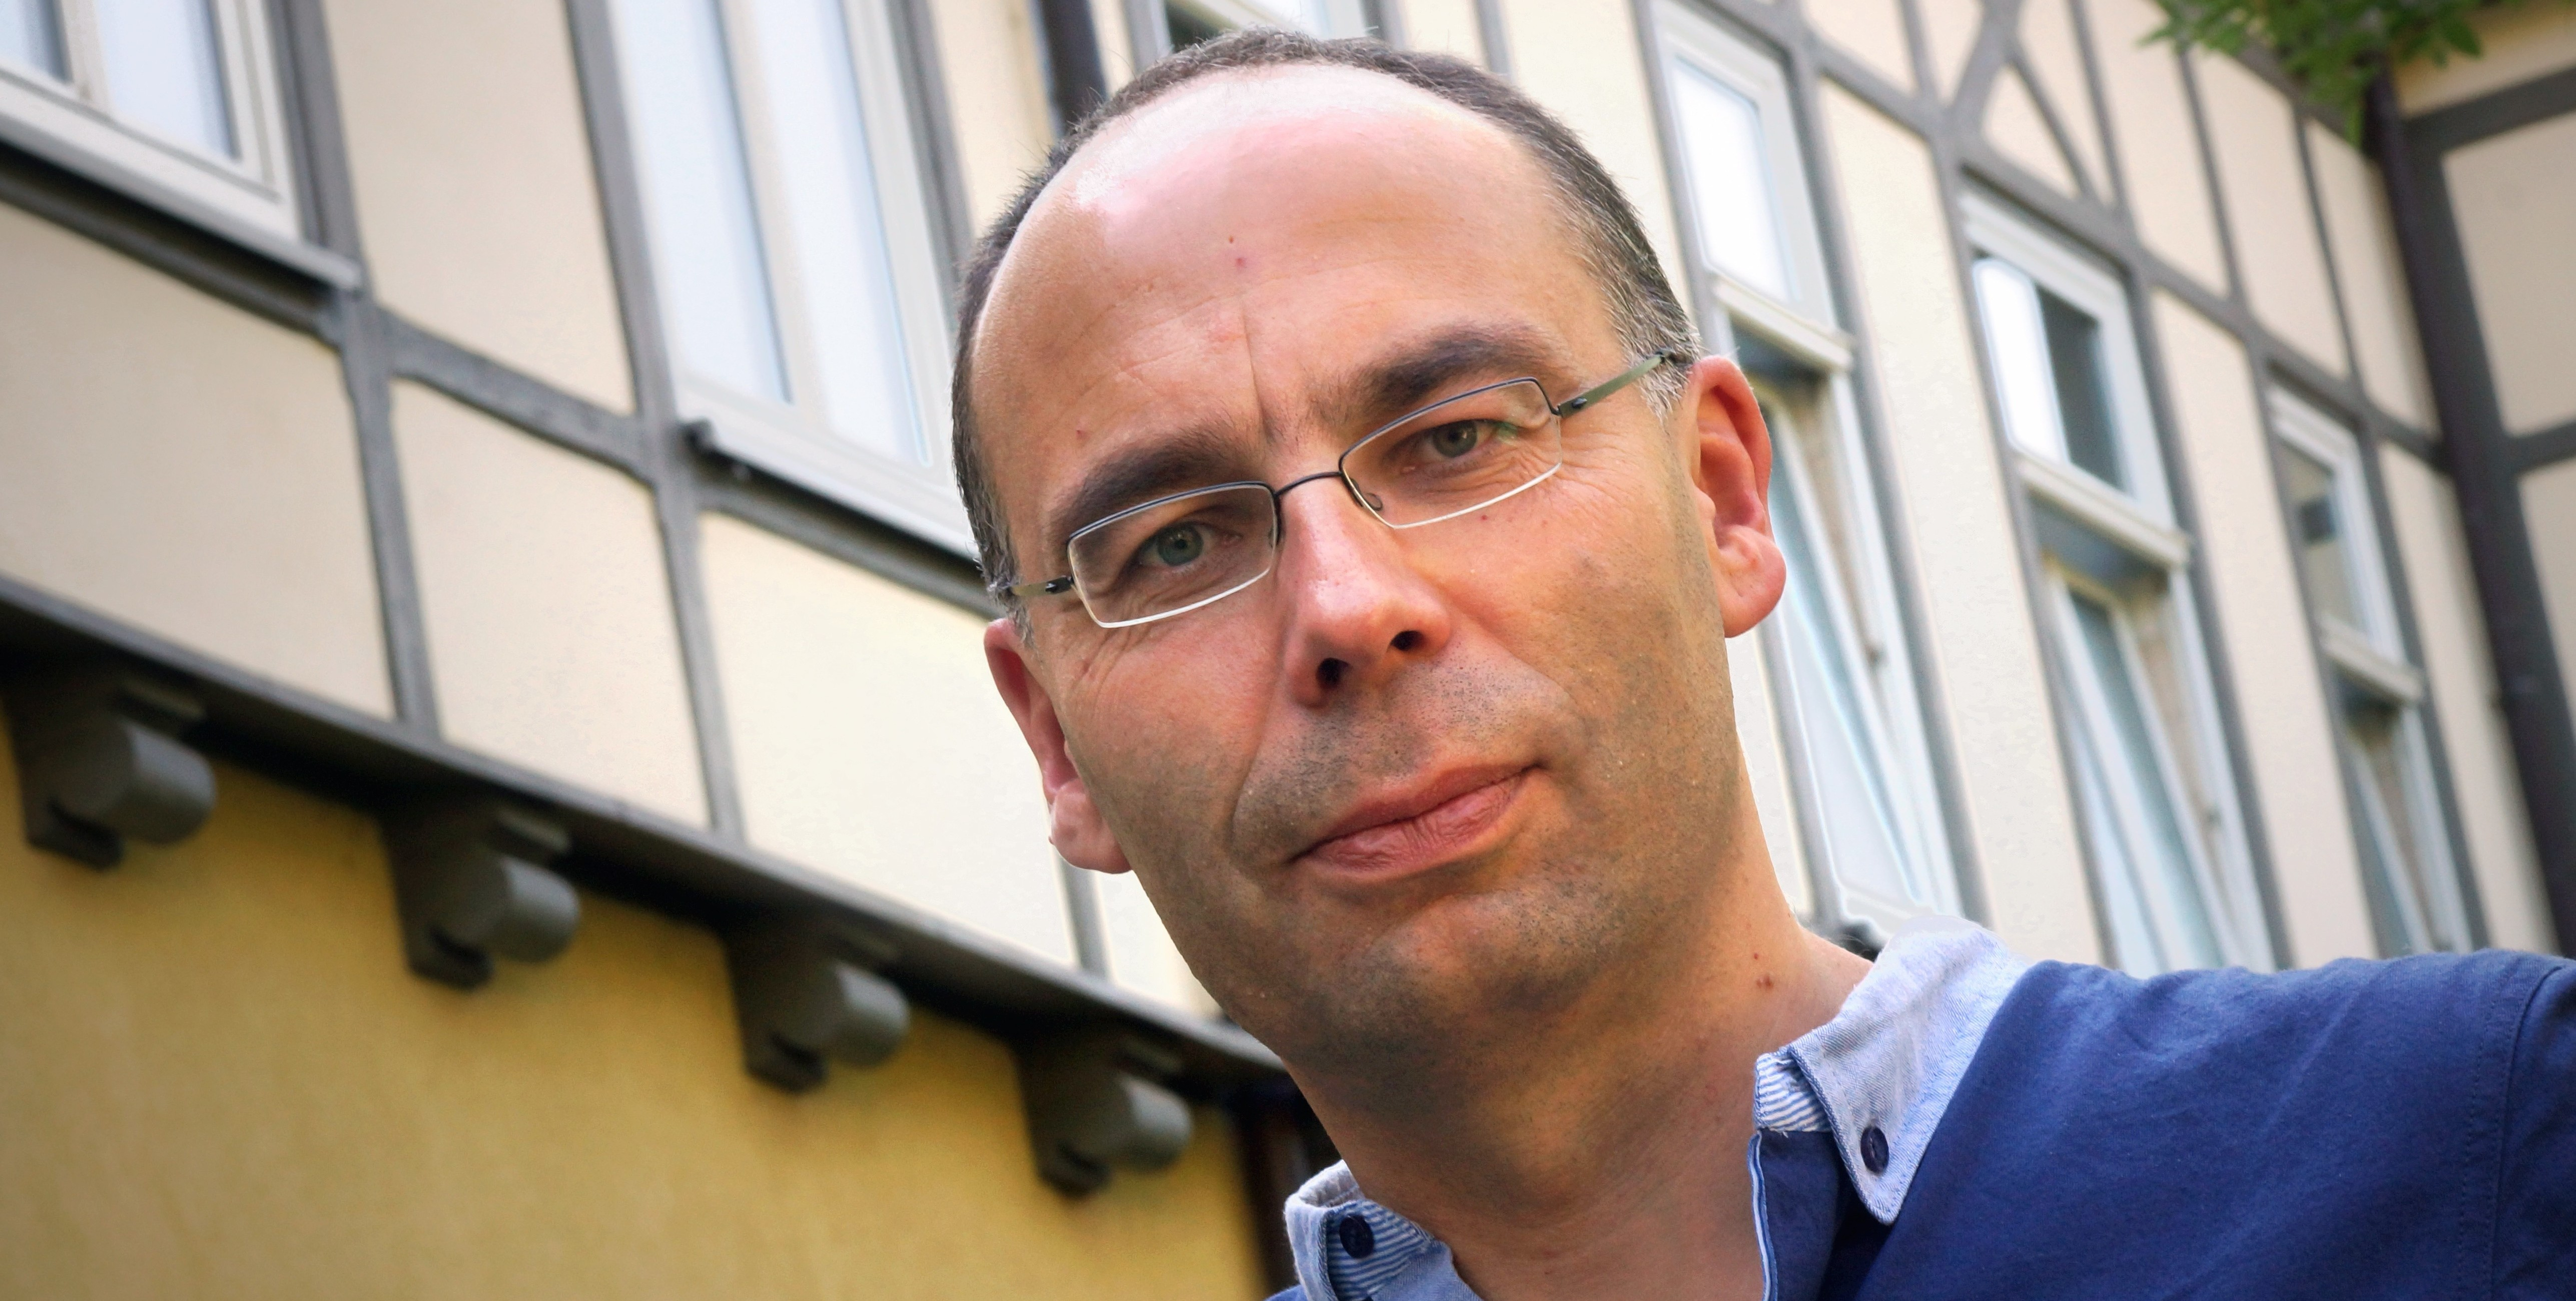 Prof. Dr. Stephan Lessenich, Vorsitzender der Deutschen Gesellschaft für Soziologie. Foto: Privat.